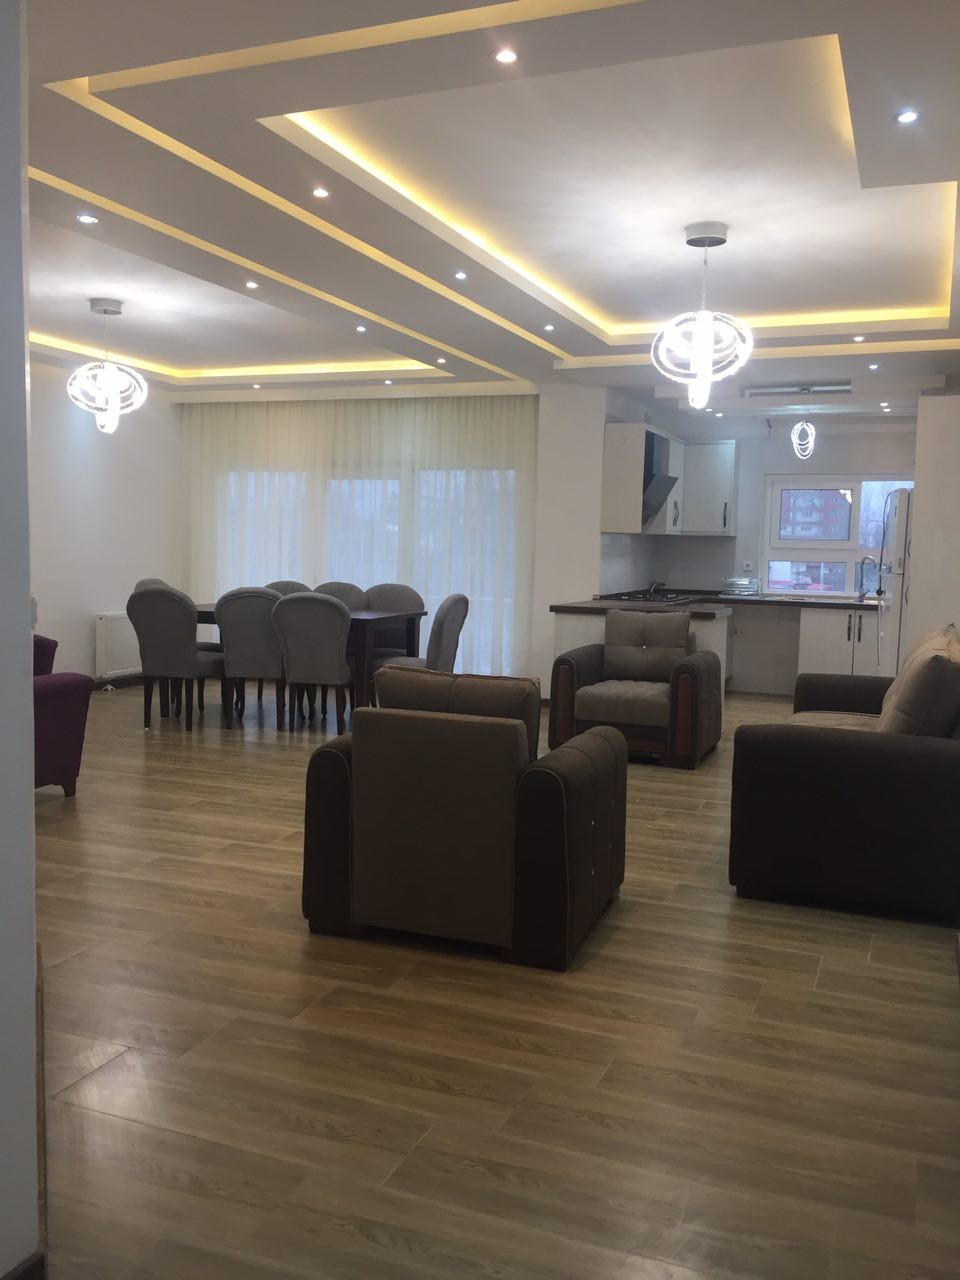 درون شهری هتل آپارتمان در سلمان شهر مازندران